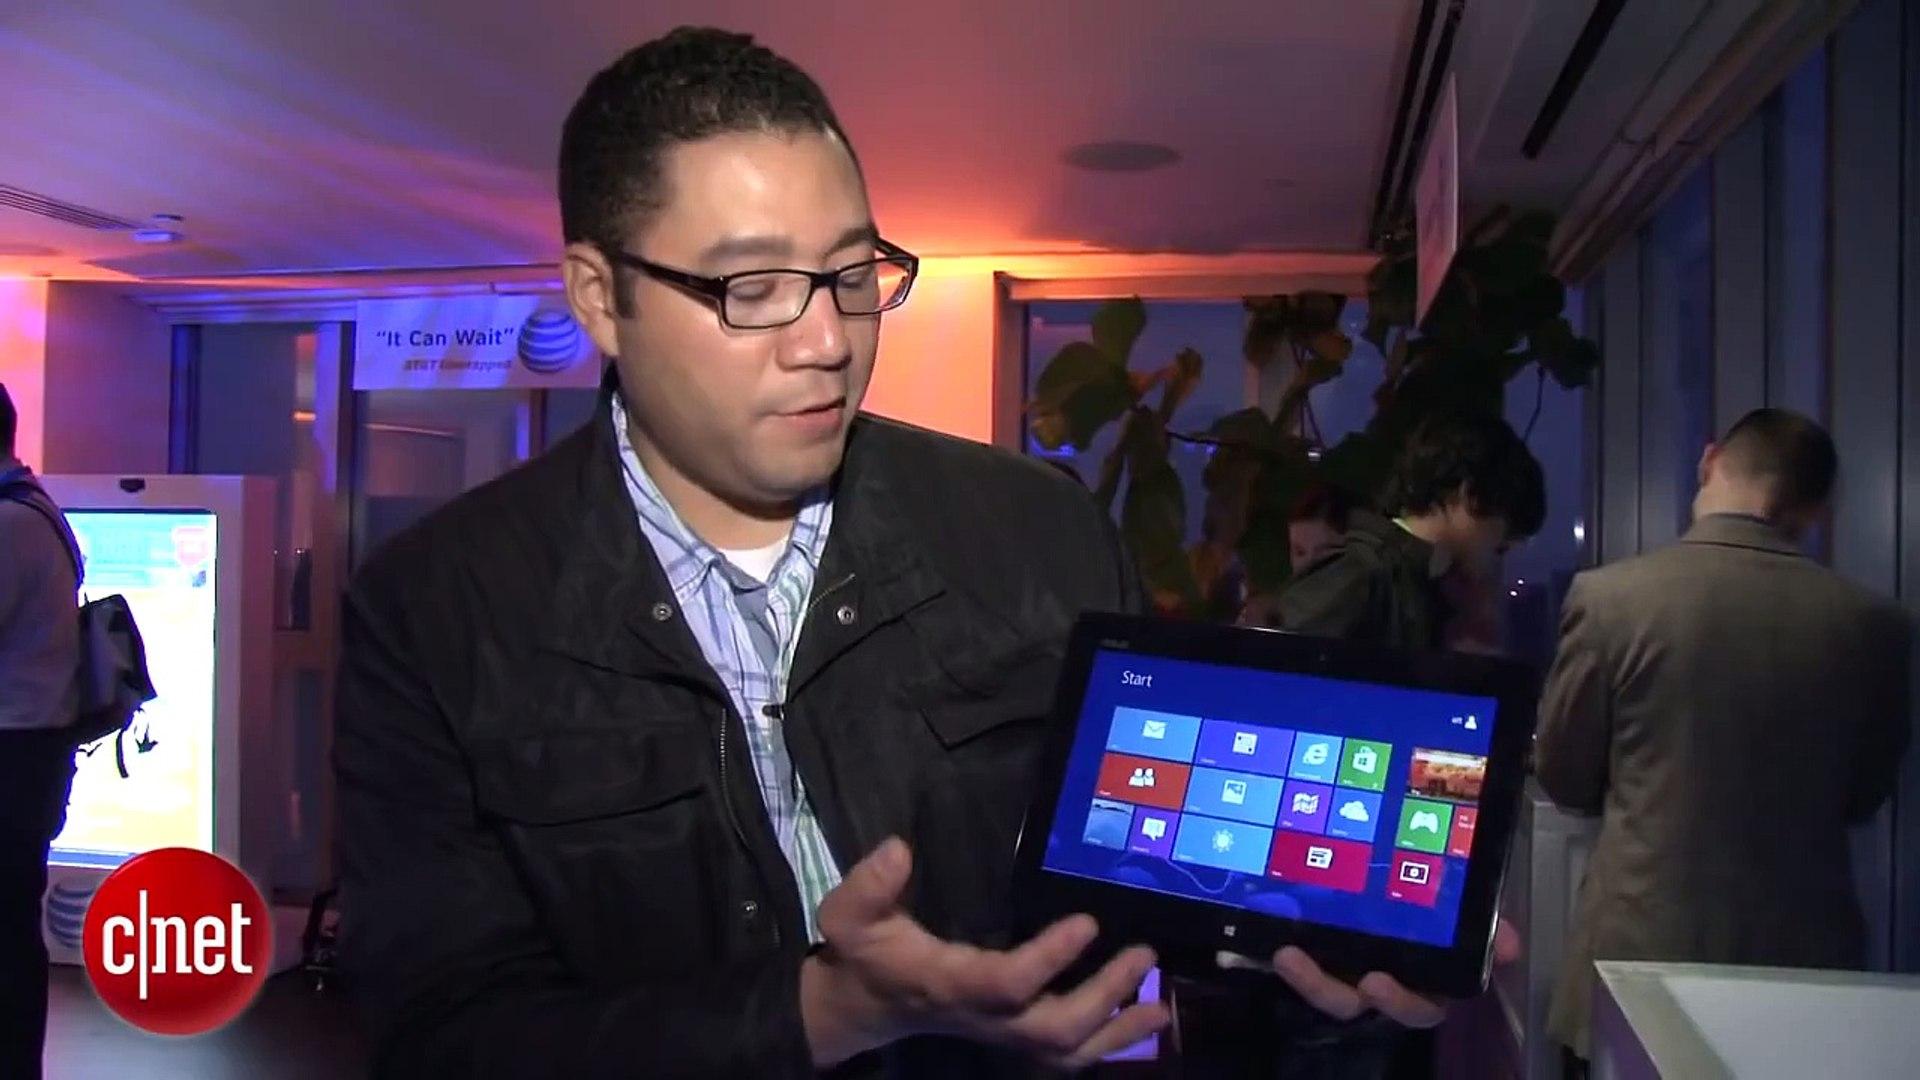 Asus' super-sleek Windows 8 tablet - First Look